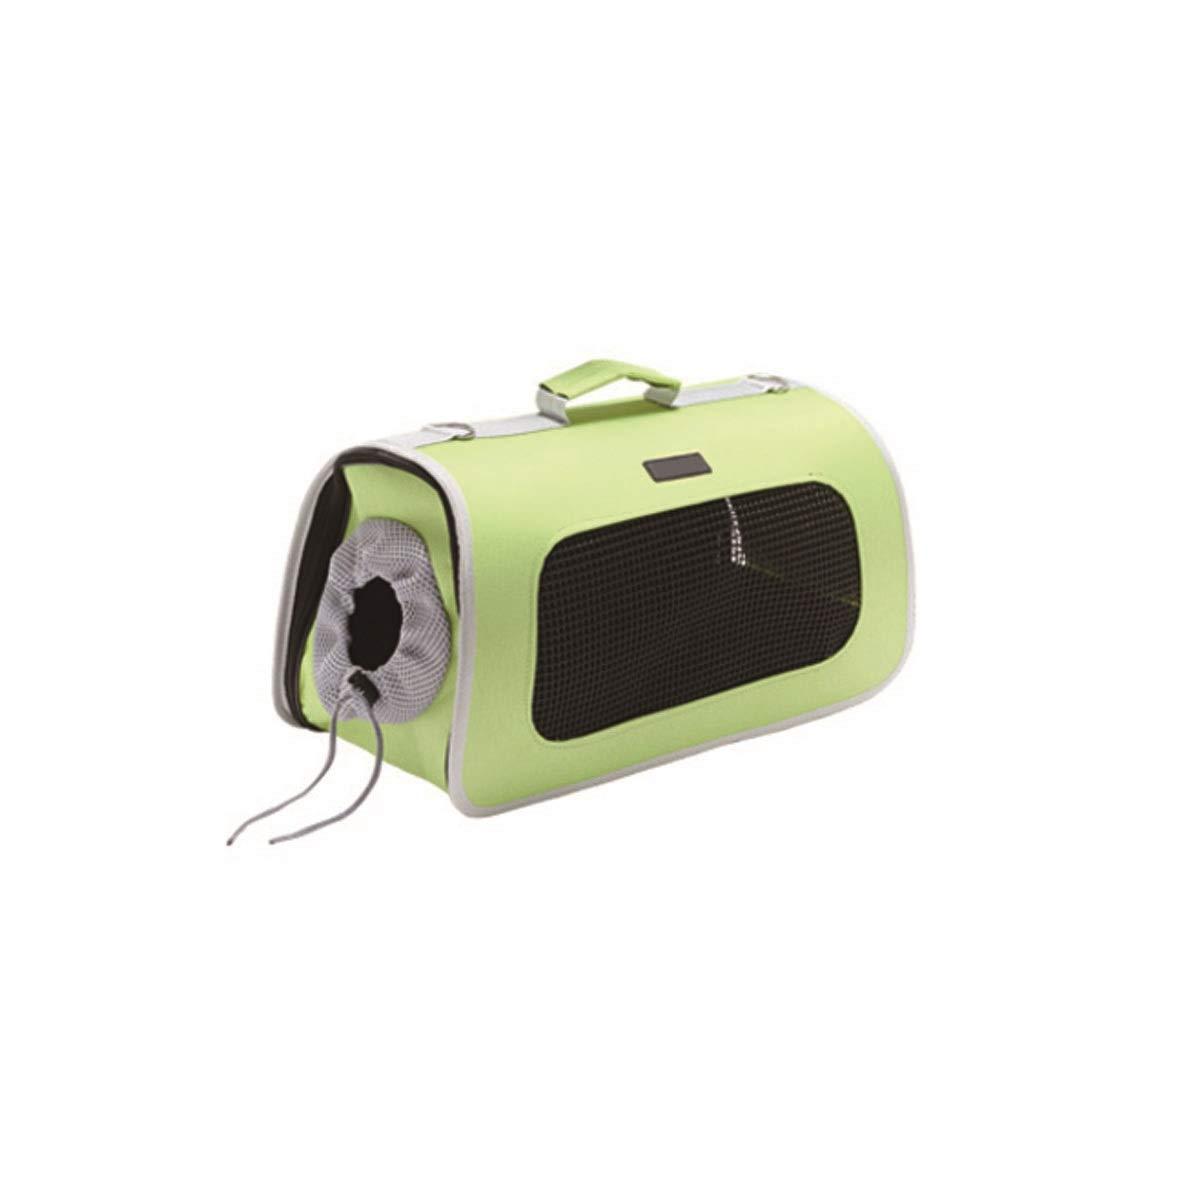 HENGTONGTONGXUN Pet Carrier, Portable Pet Carrier, Portable Cat Carrier, Portable Pet Carrier, bluee, Black, Green, Pink Bite resistant, wear resistant, washable (color   Pink, Size   L)